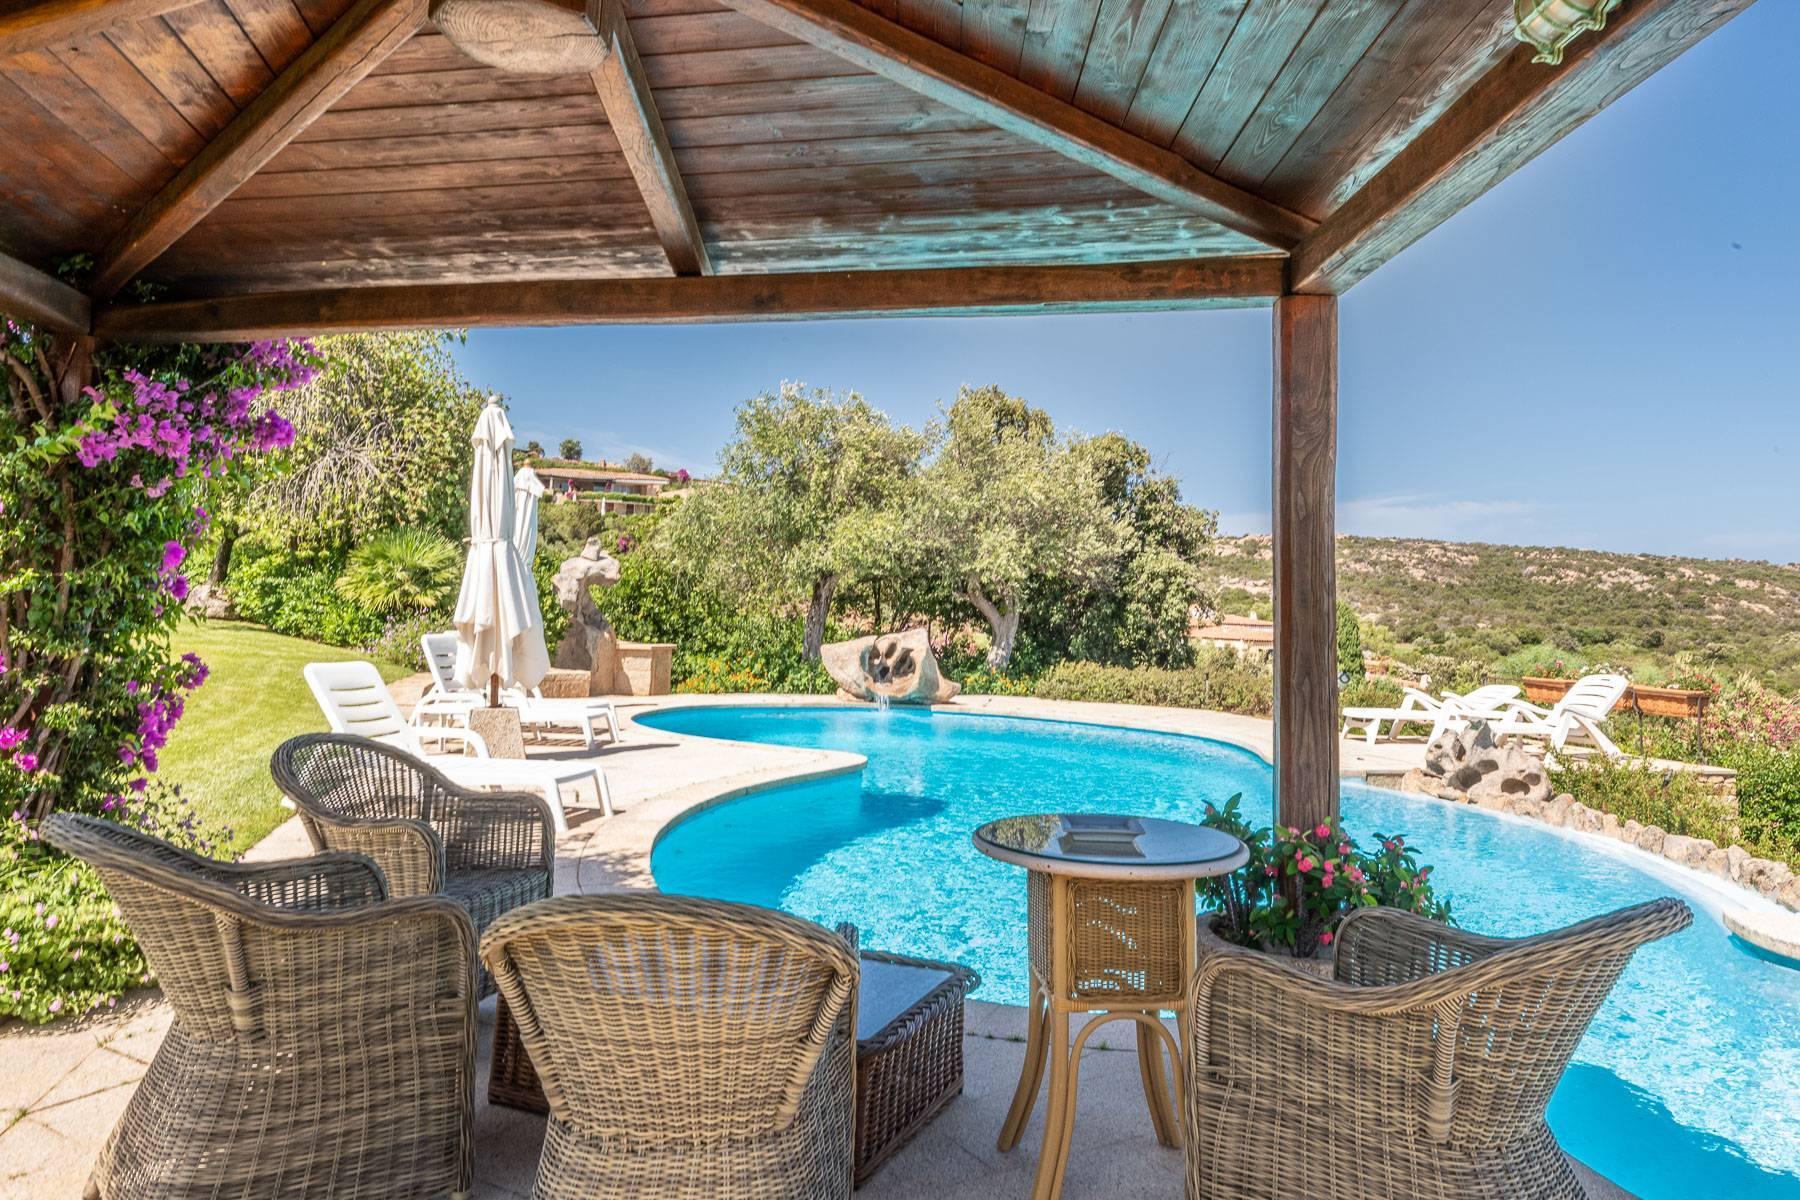 Bellissima villa indipendente con piscina a pochi passi dal Golf Club e Cala di Volpe - 7